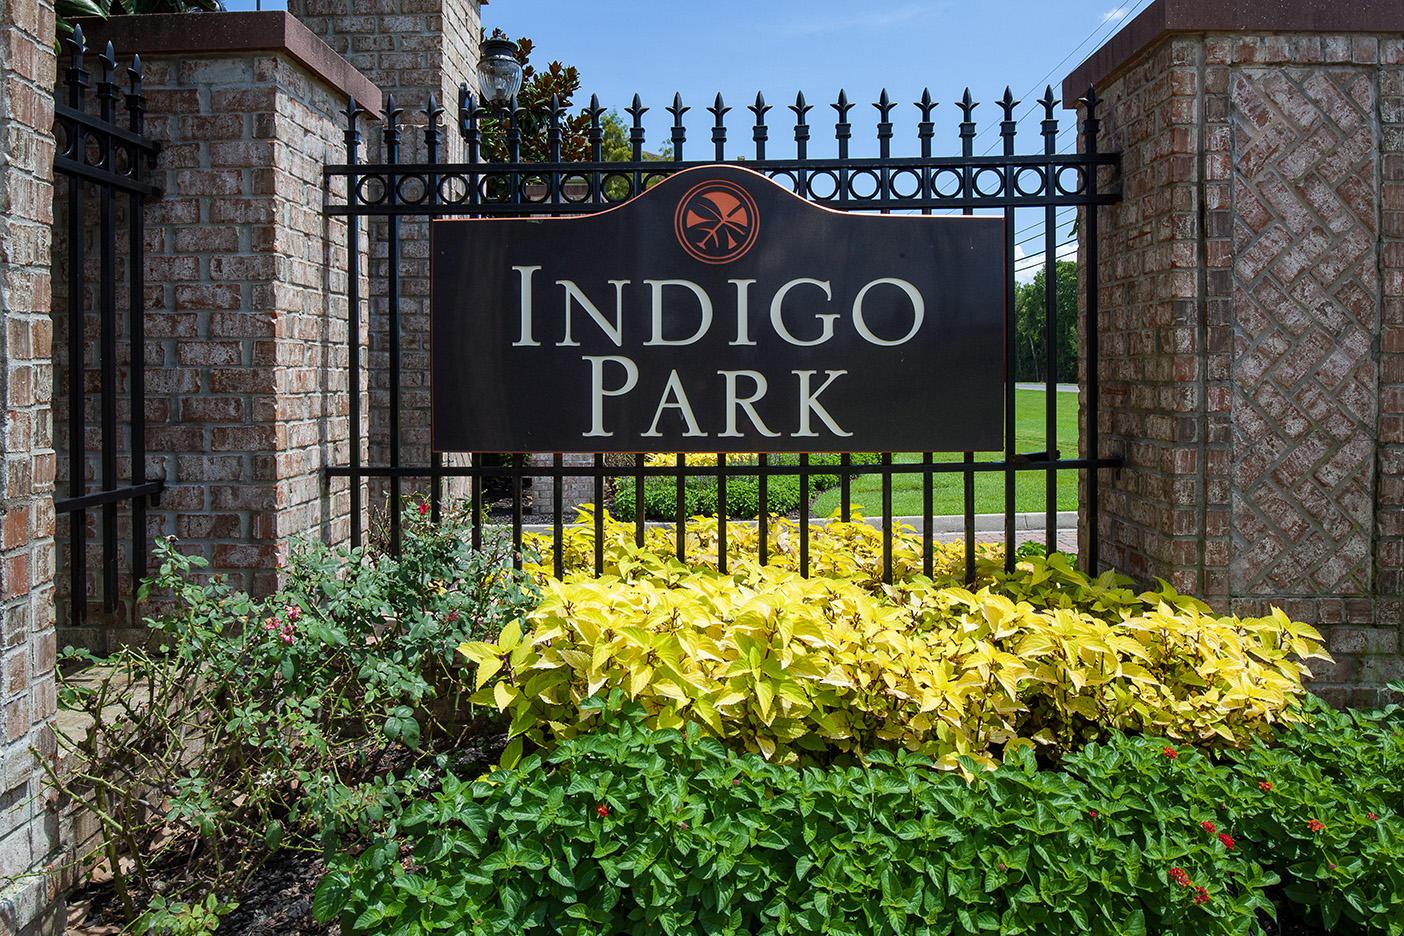 Indigo Park by Cortland